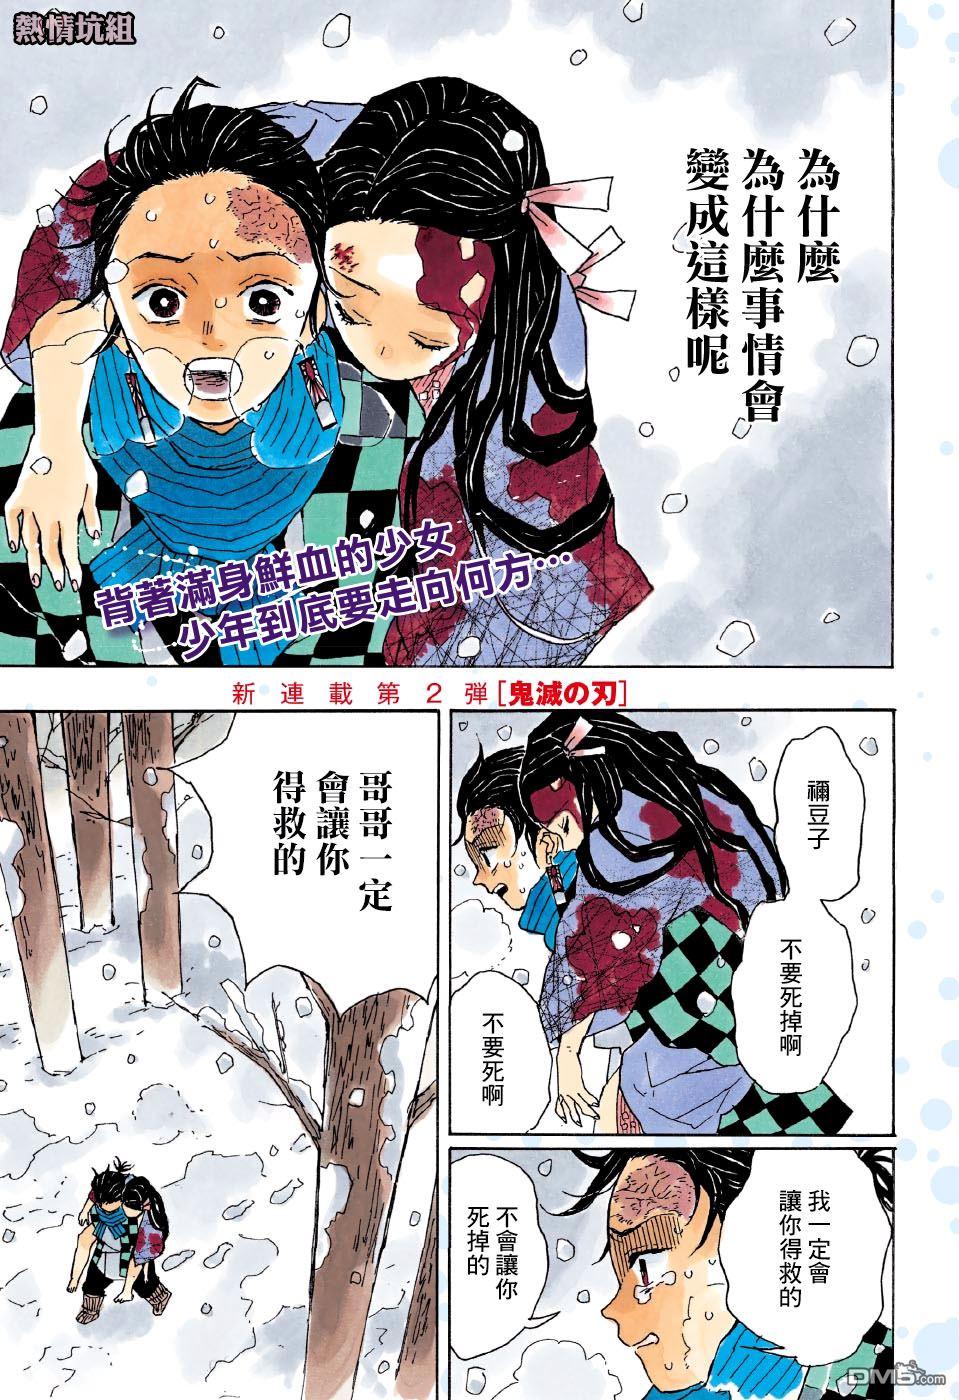 鬼滅之刃第1話 殘酷(第2頁)劇情-奴奴漫畫